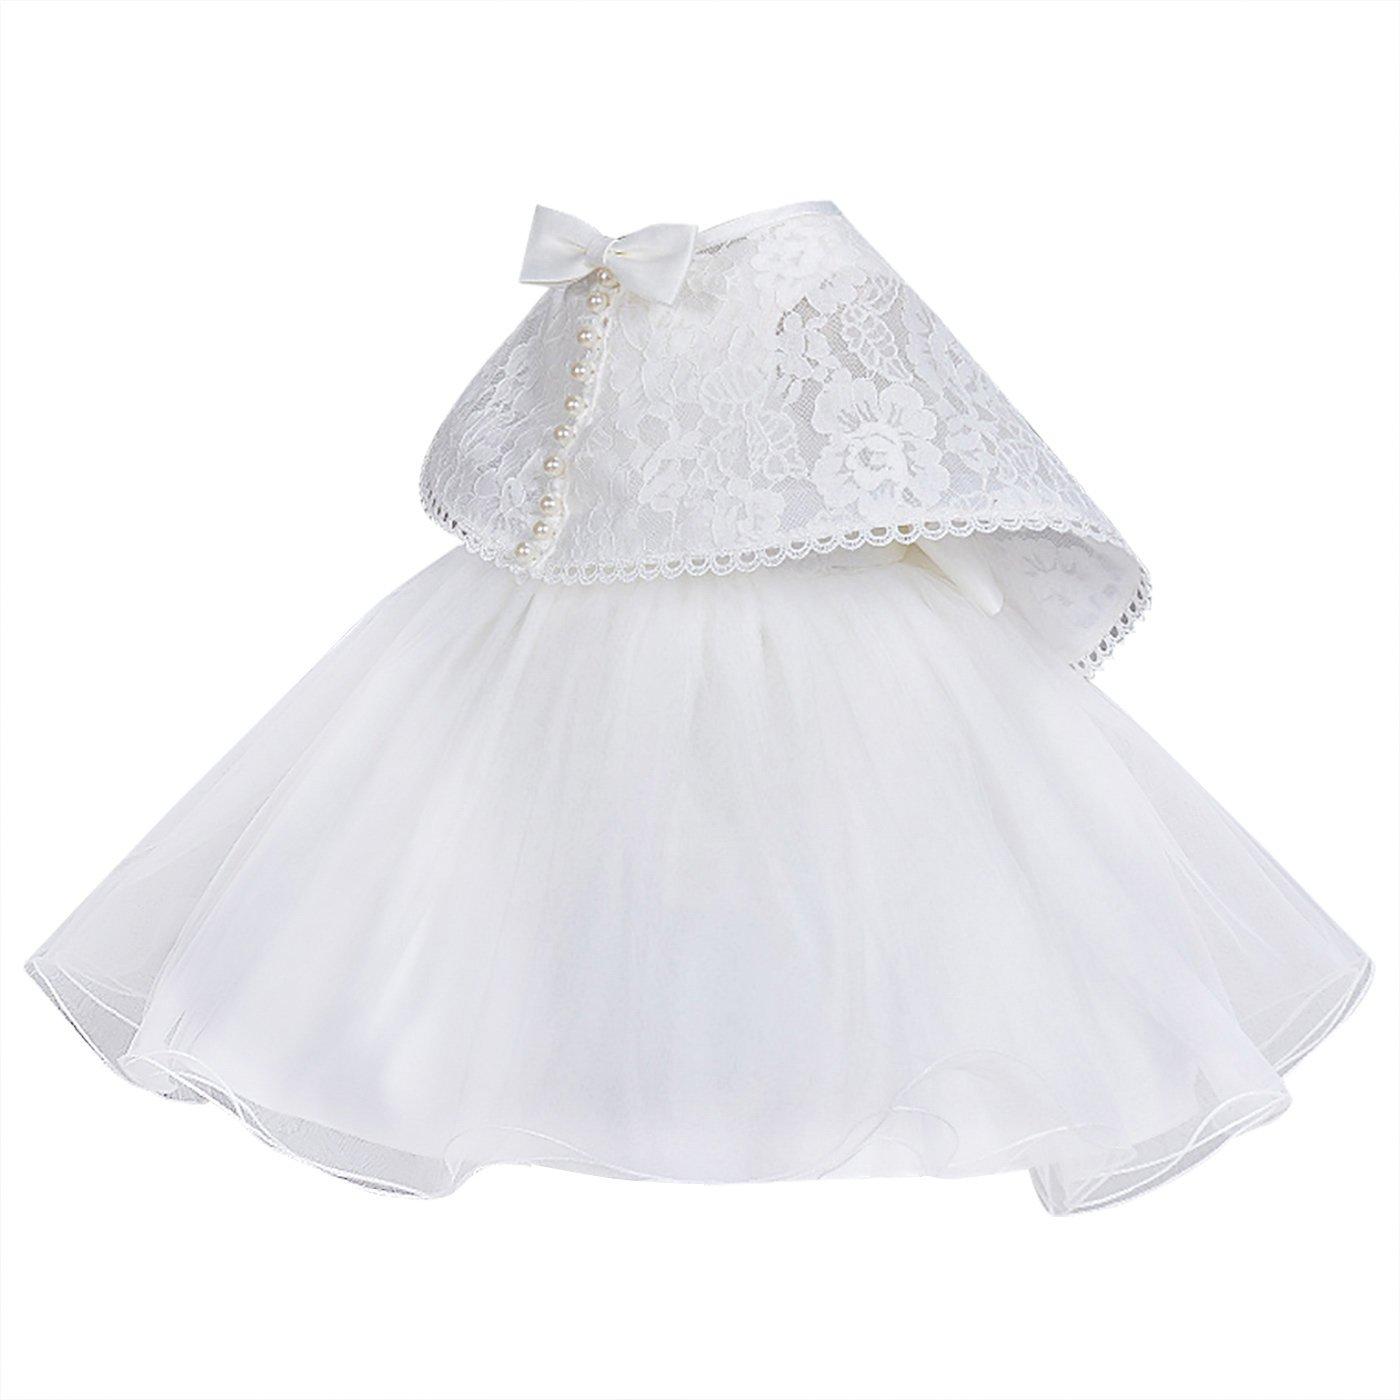 1a6b82f97 Happy Cherry - Vestido Tutu de Boda Bautizo para Bebés Recien nacido ...